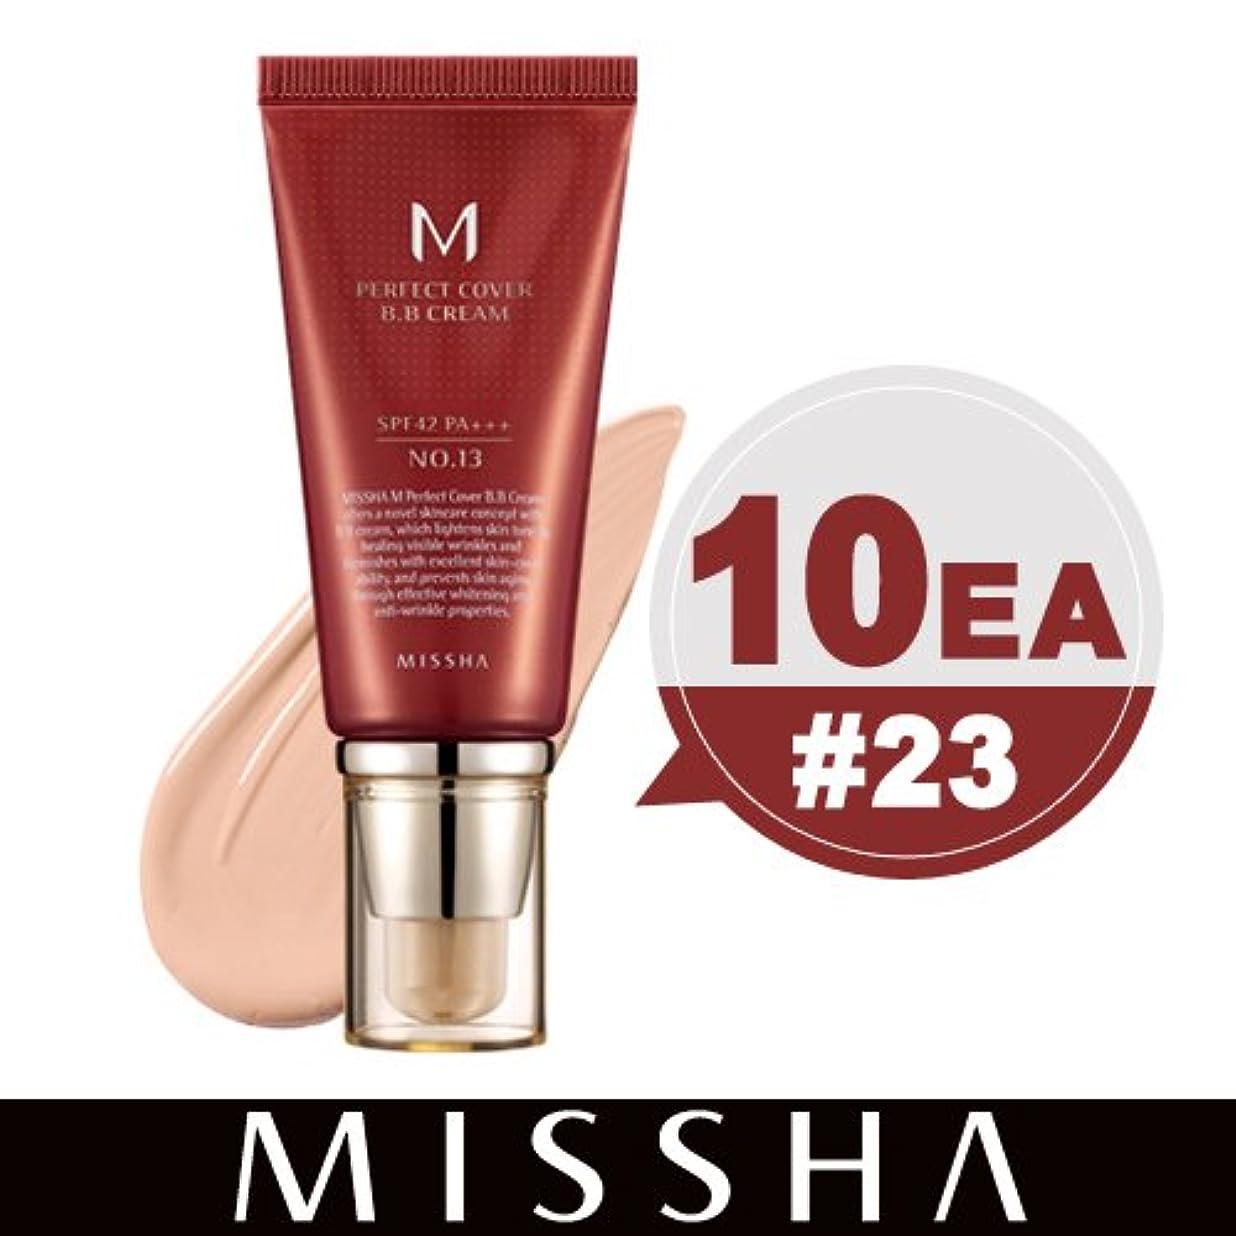 吸収剤ある行商人[MISSHA/ミシャ] M パーフェクトカバーBBクリーム UV SPF42 PA+++ (No.23)10本 セット [HONEST SKIN海外直送品]